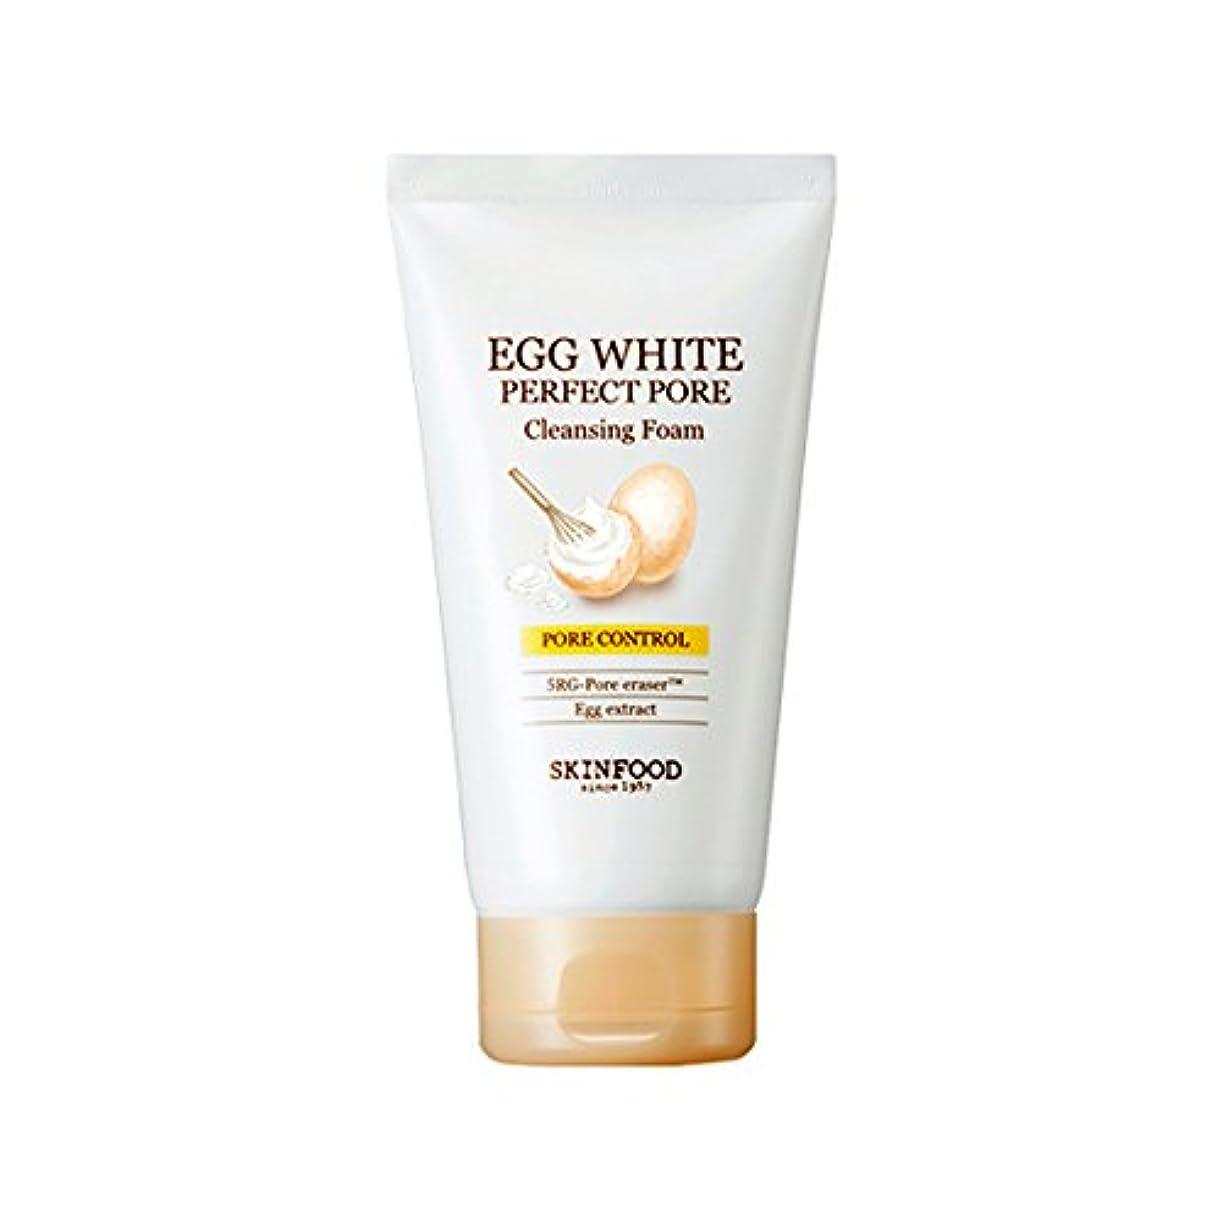 なんとなくロースト自己[2017 New] SKINFOOD Egg White Perfect Pore Cleansing Foam 150ml/スキンフード エッグ ホワイト パーフェクト ポア クレンジング フォーム 150ml [並行輸入品]